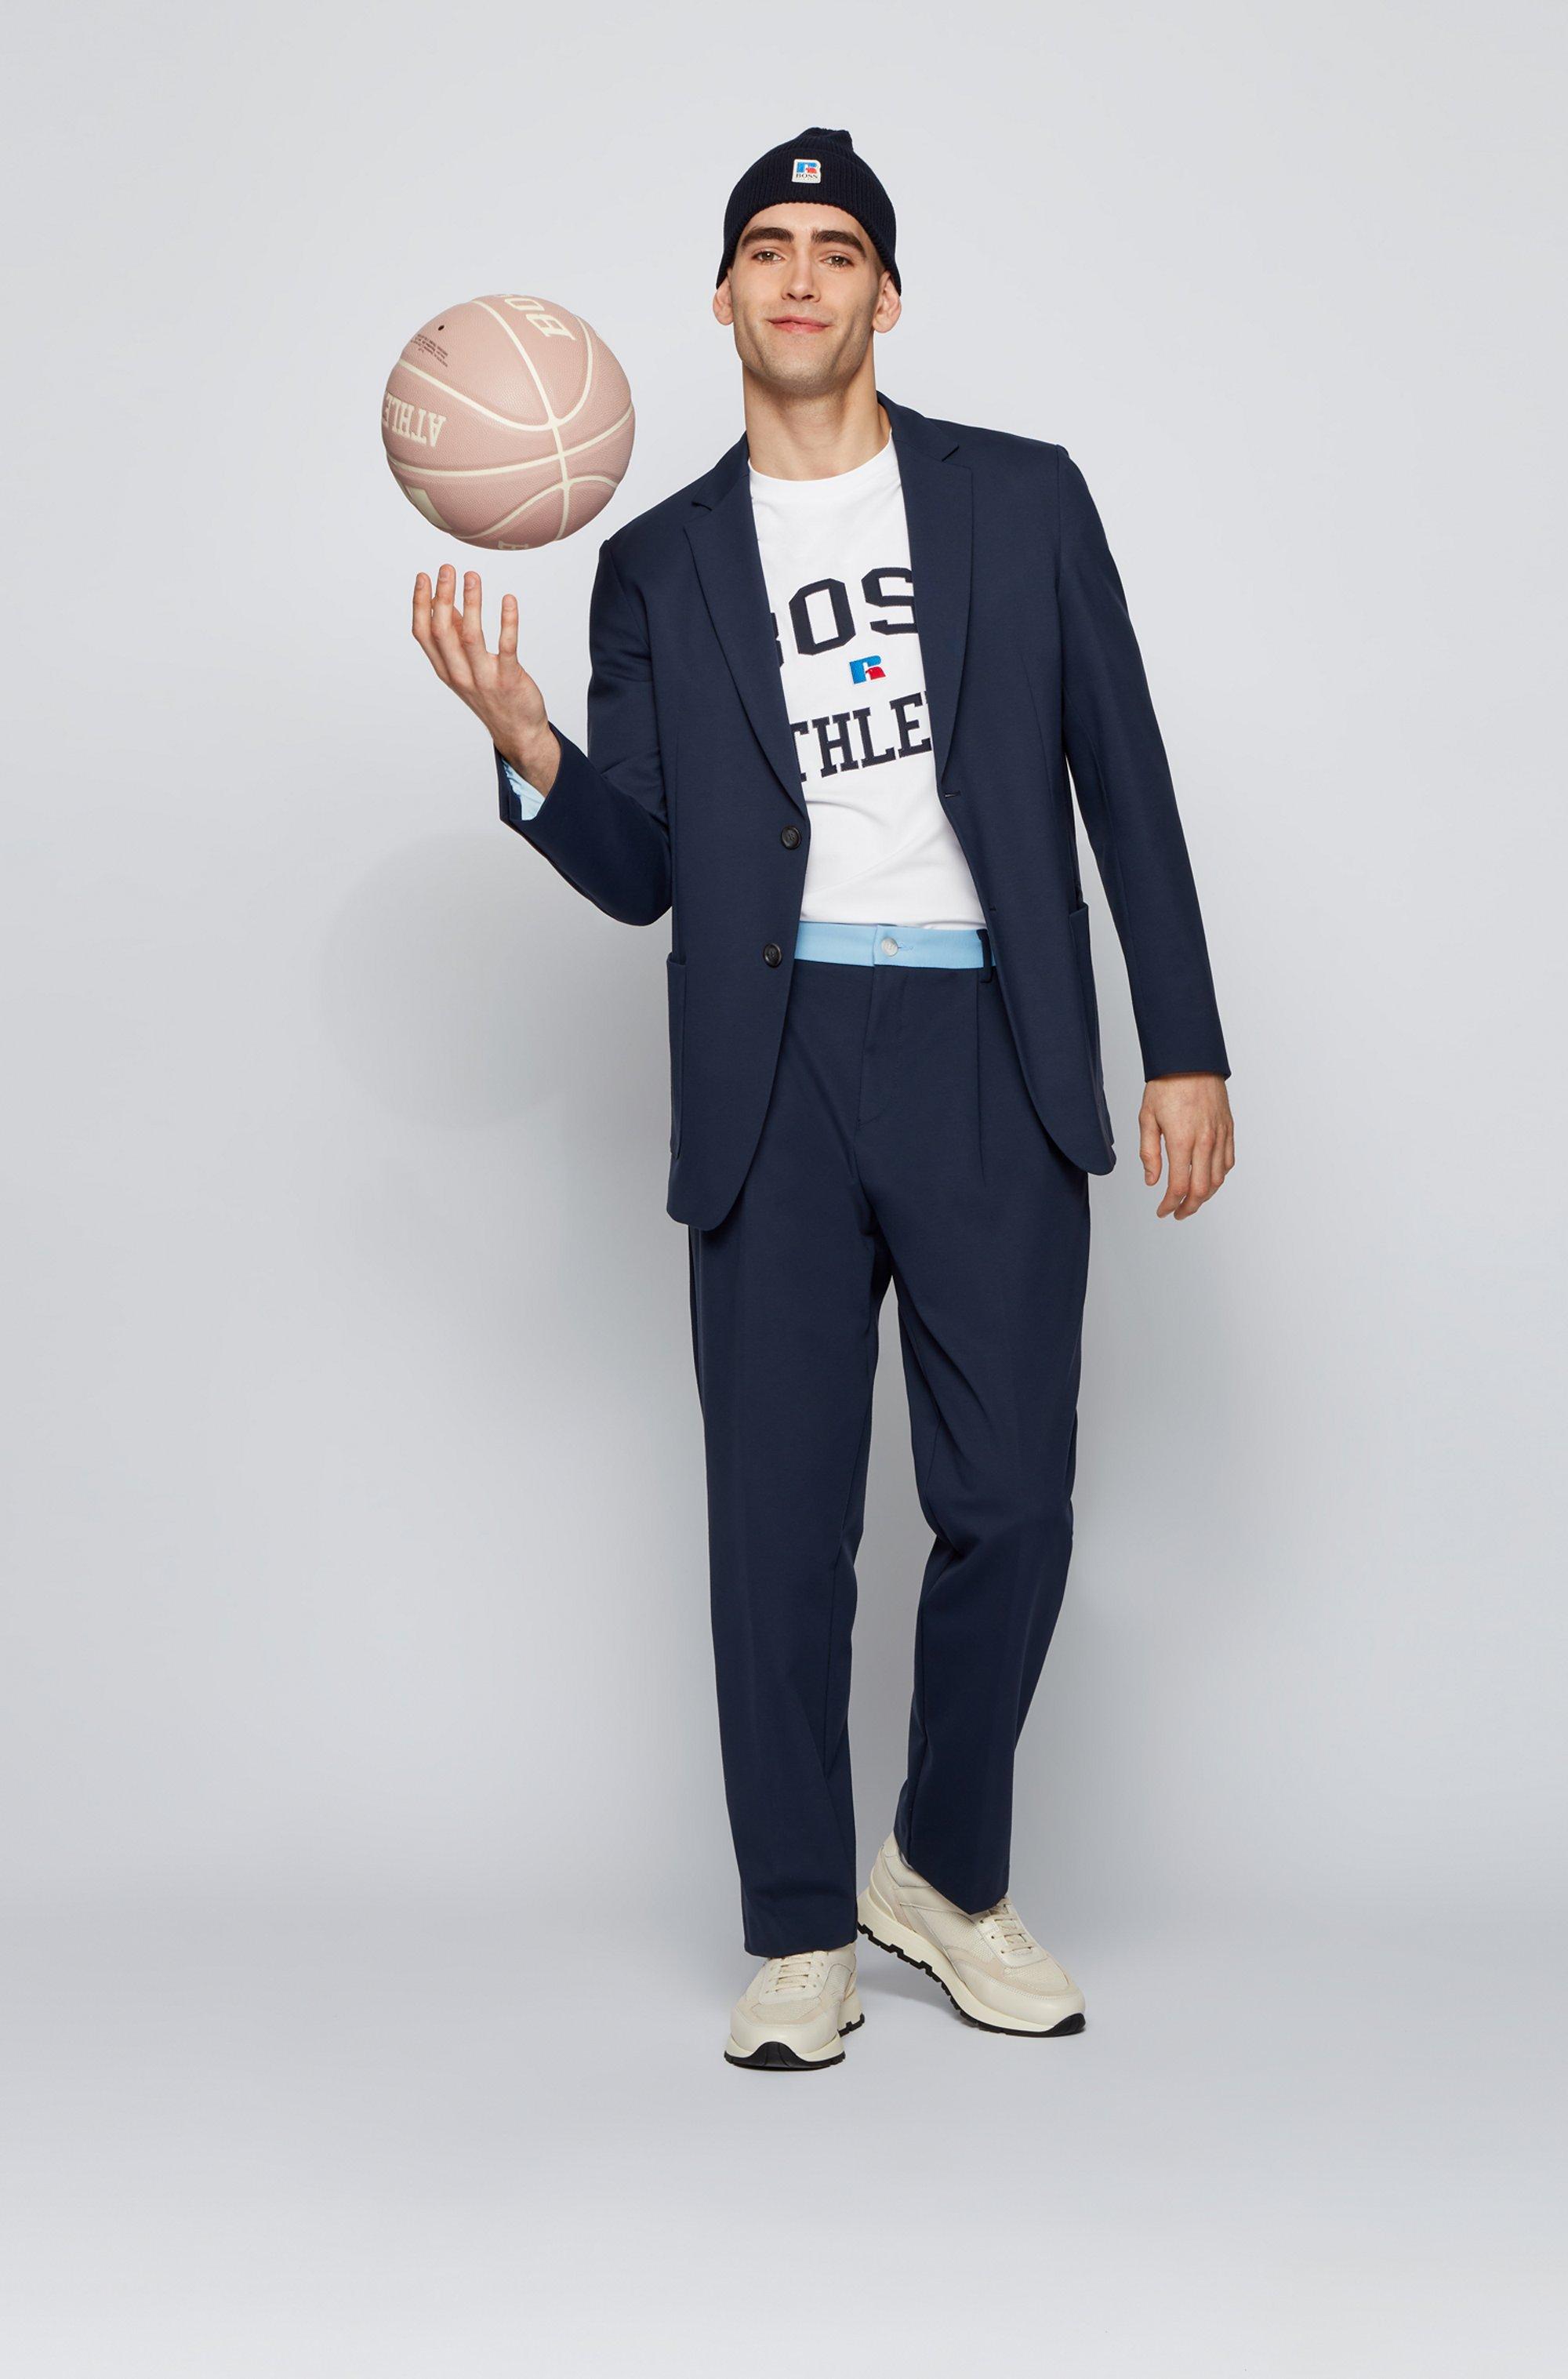 Camiseta unisex relaxed fit en algodón elástico con logo exclusivo